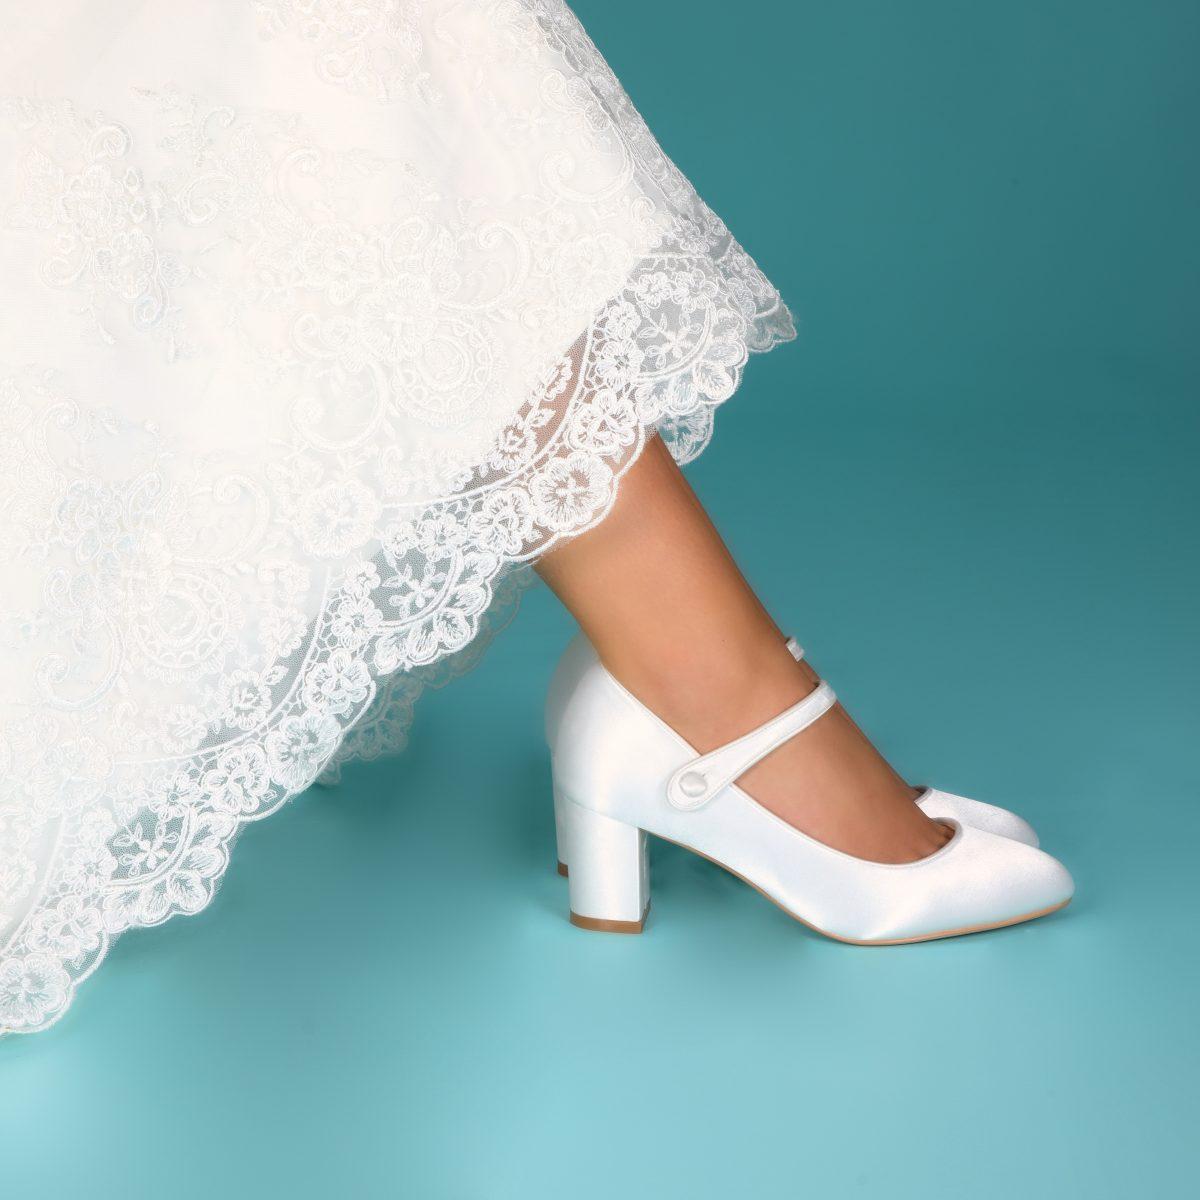 Perfect Bridal Toni Shoes - Ivory Satin 2